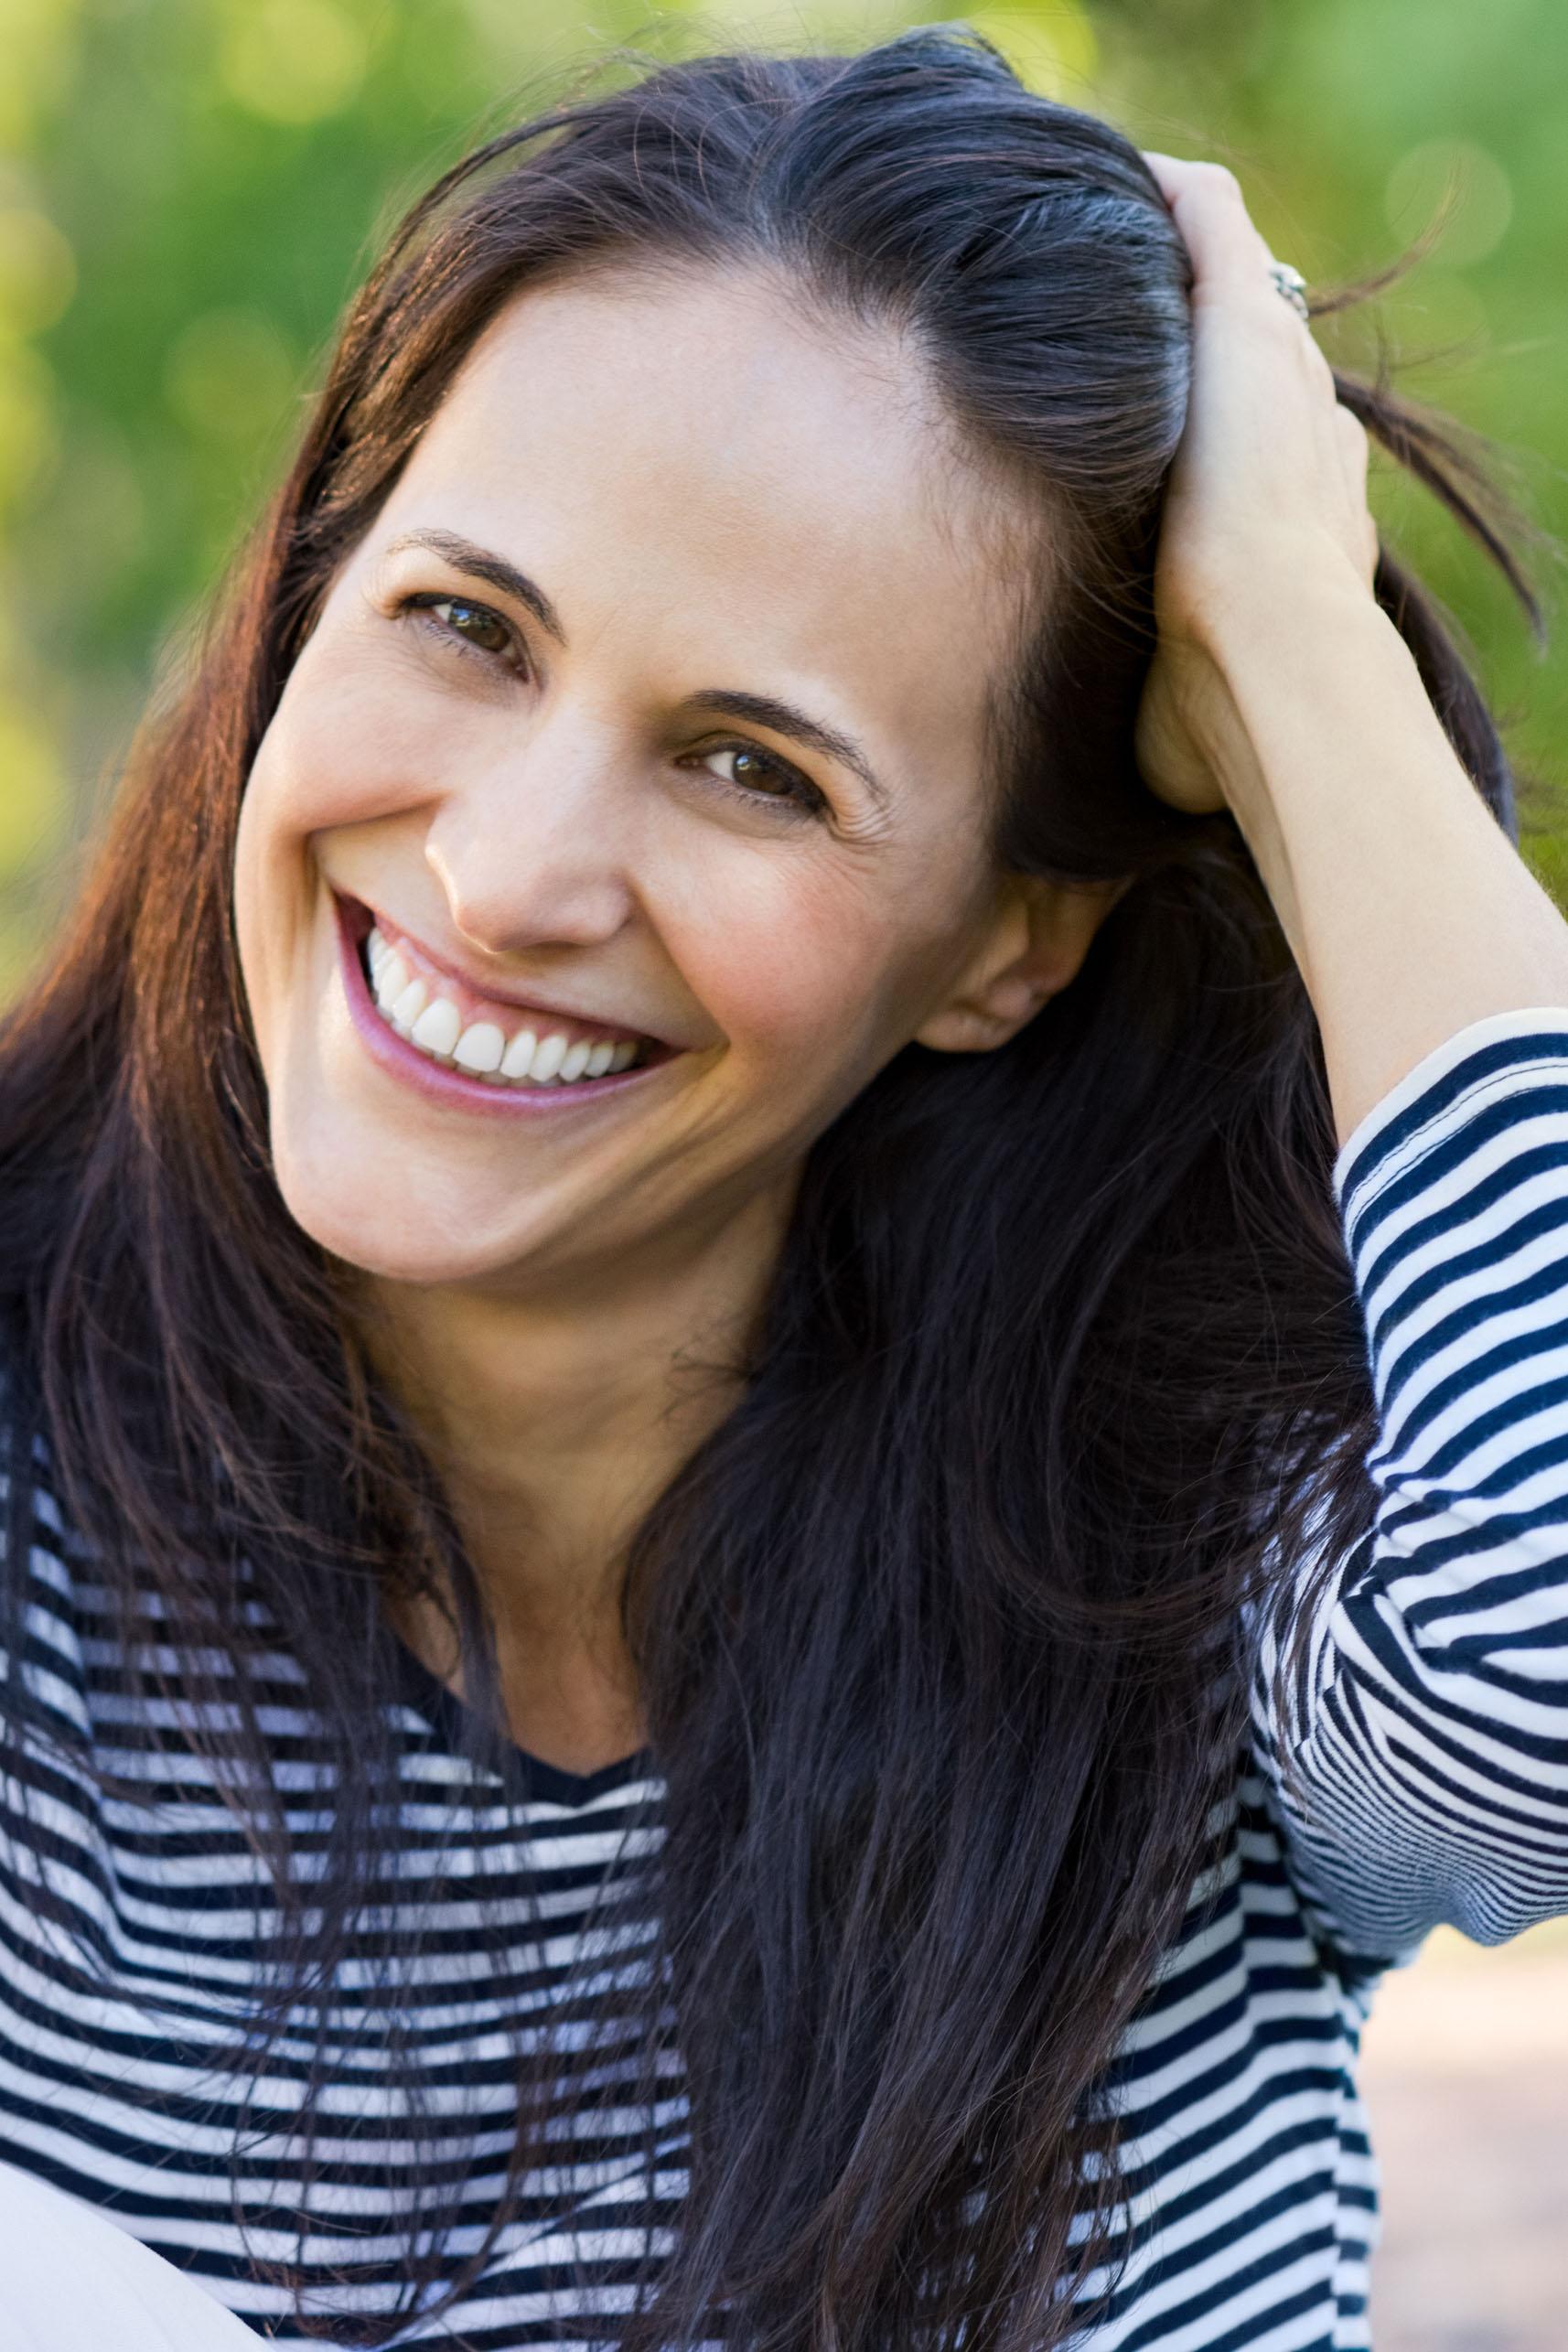 Entspannt durch die Wechseljahre: Bei den meisten Frauen überwiegt bei einer individuellen Hormonersatztherapie der Nutzen die Risiken.